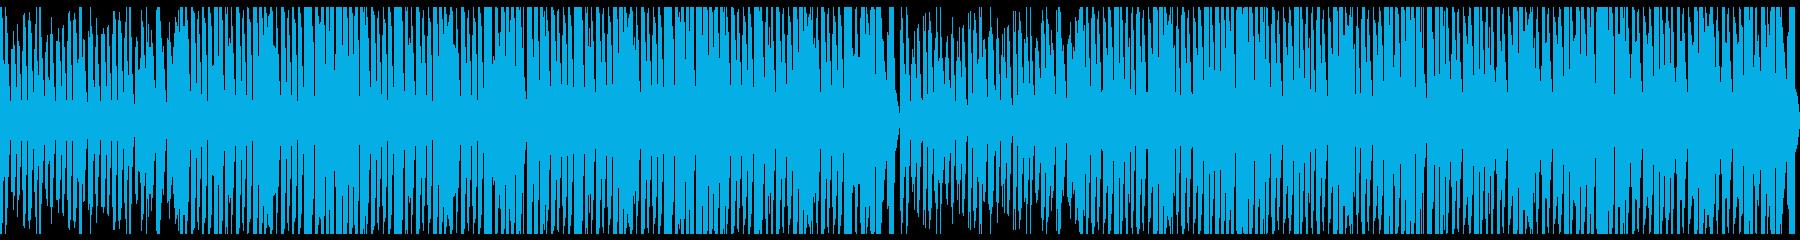 おしゃれ、賑やかなエレクトロスウィングの再生済みの波形